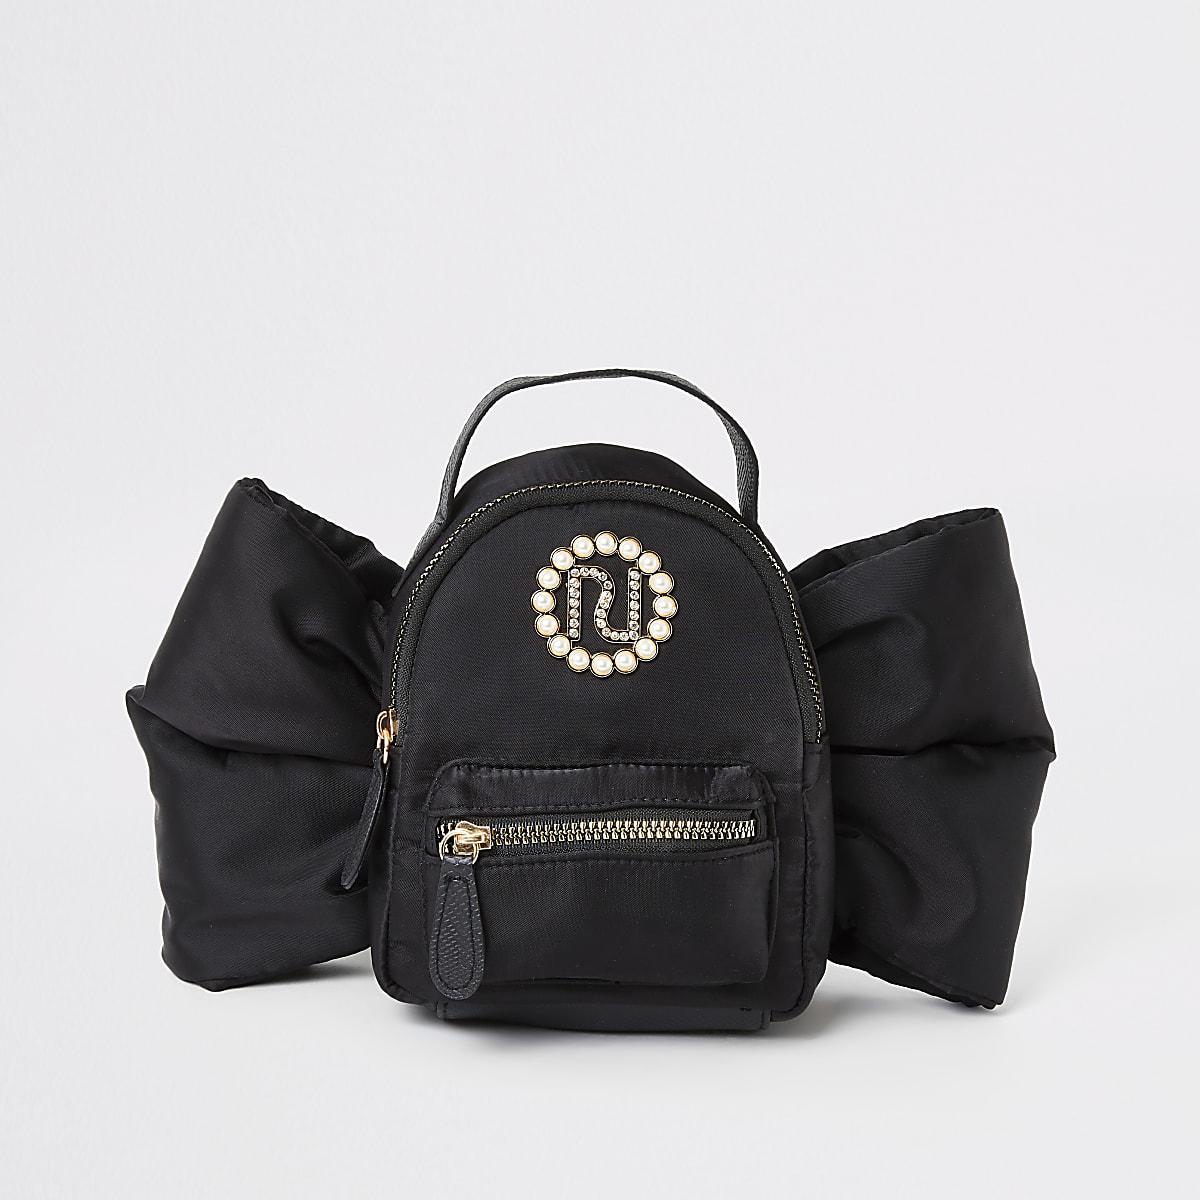 Zwarte mini rugzak met RI-logo en versierd met strik voor meisjes